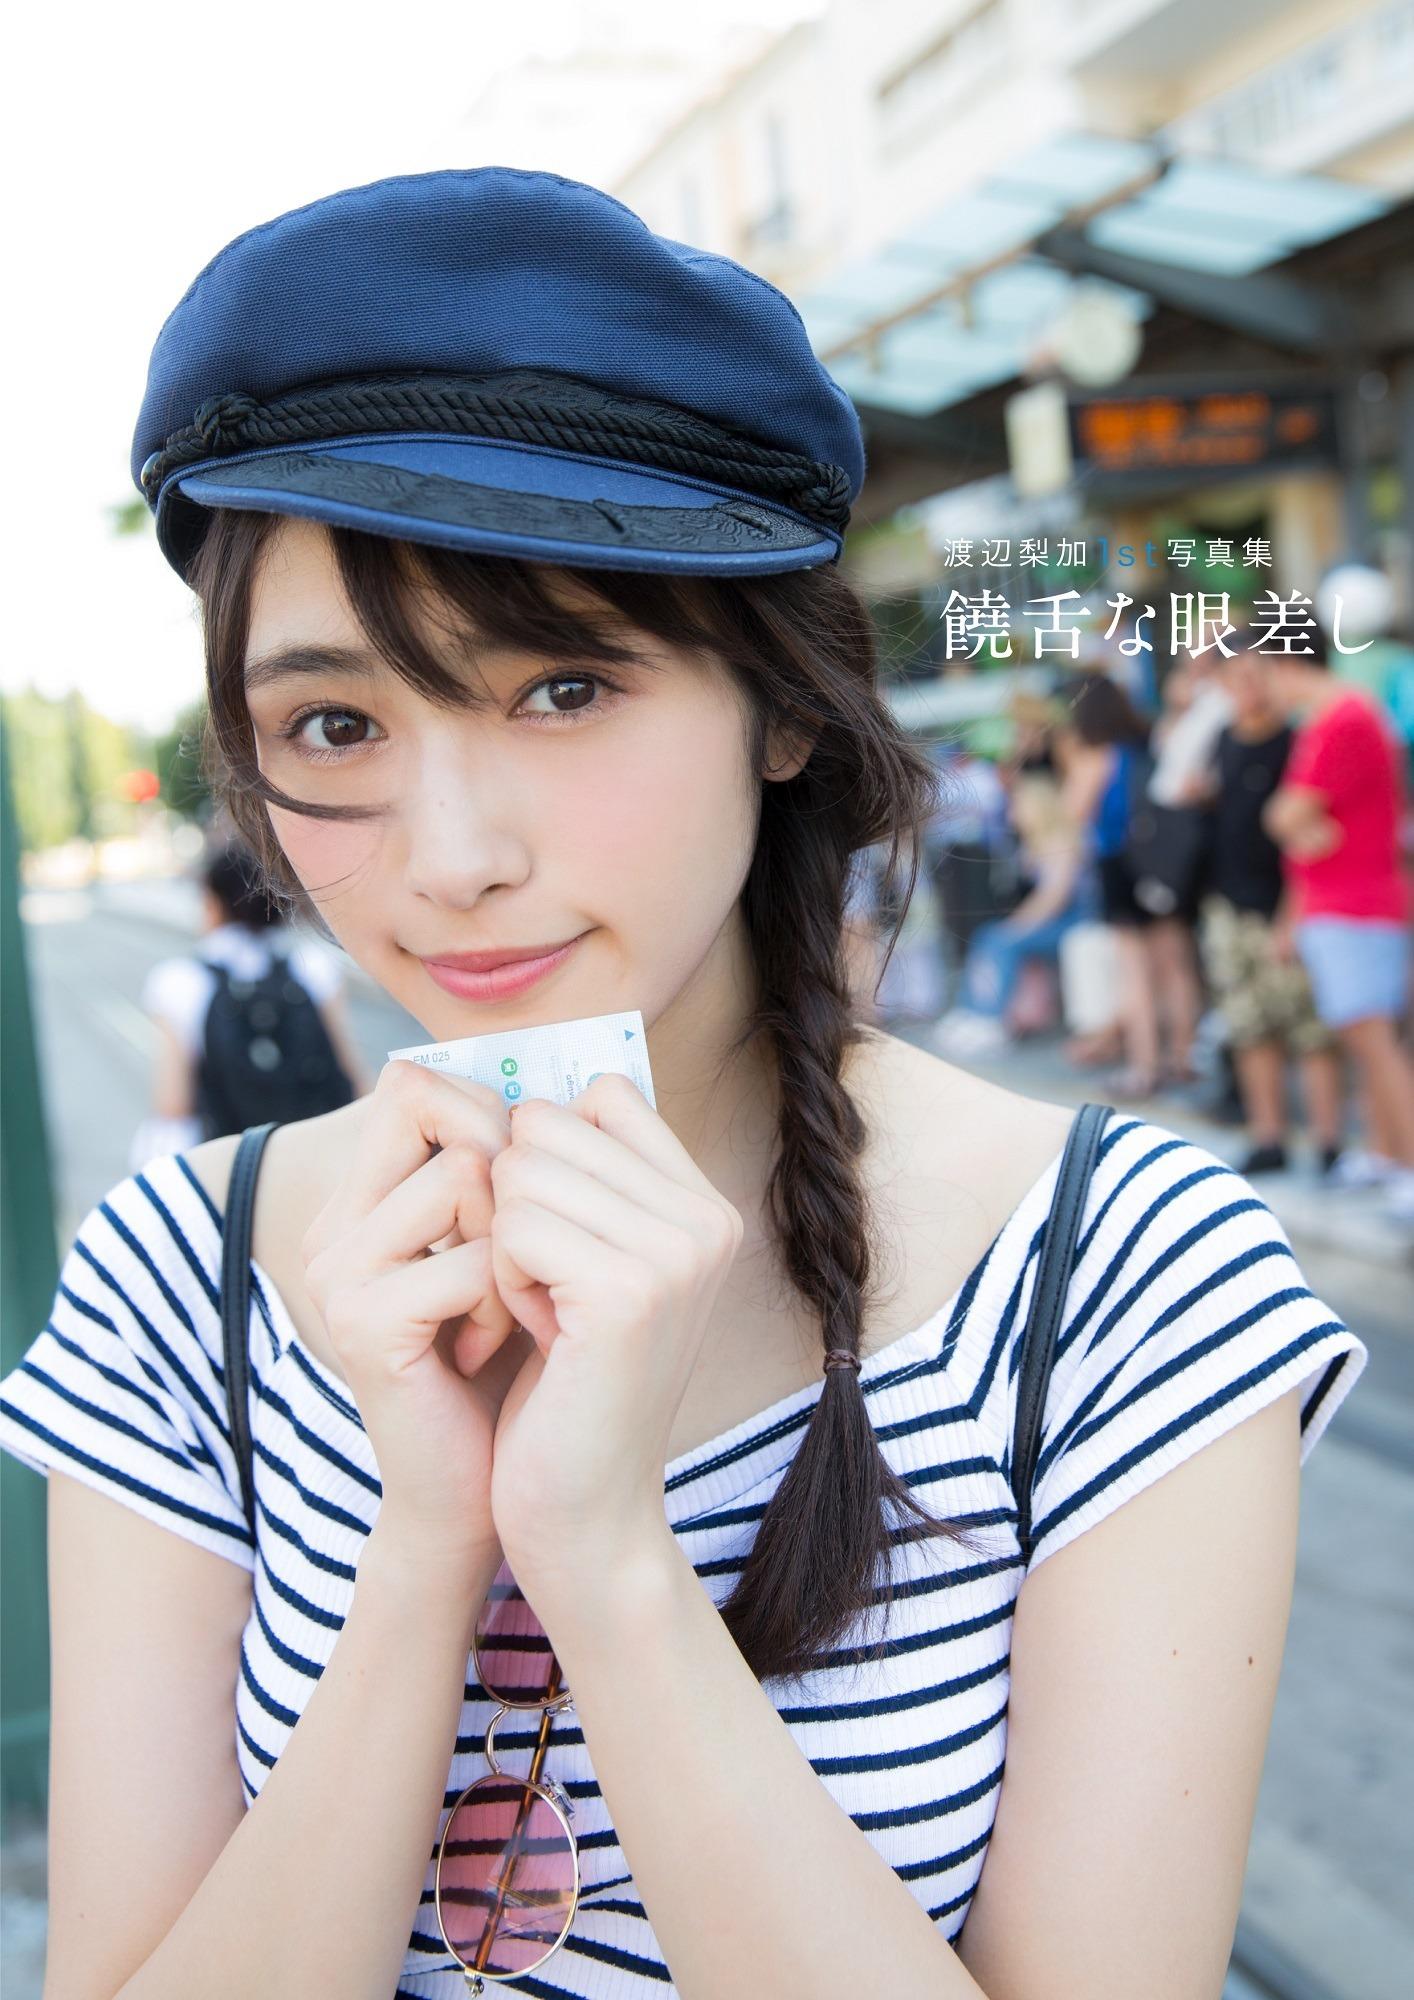 欅坂46渡辺梨加の写真集水着グラビア&アイコラエロ画像97枚・14枚目の画像